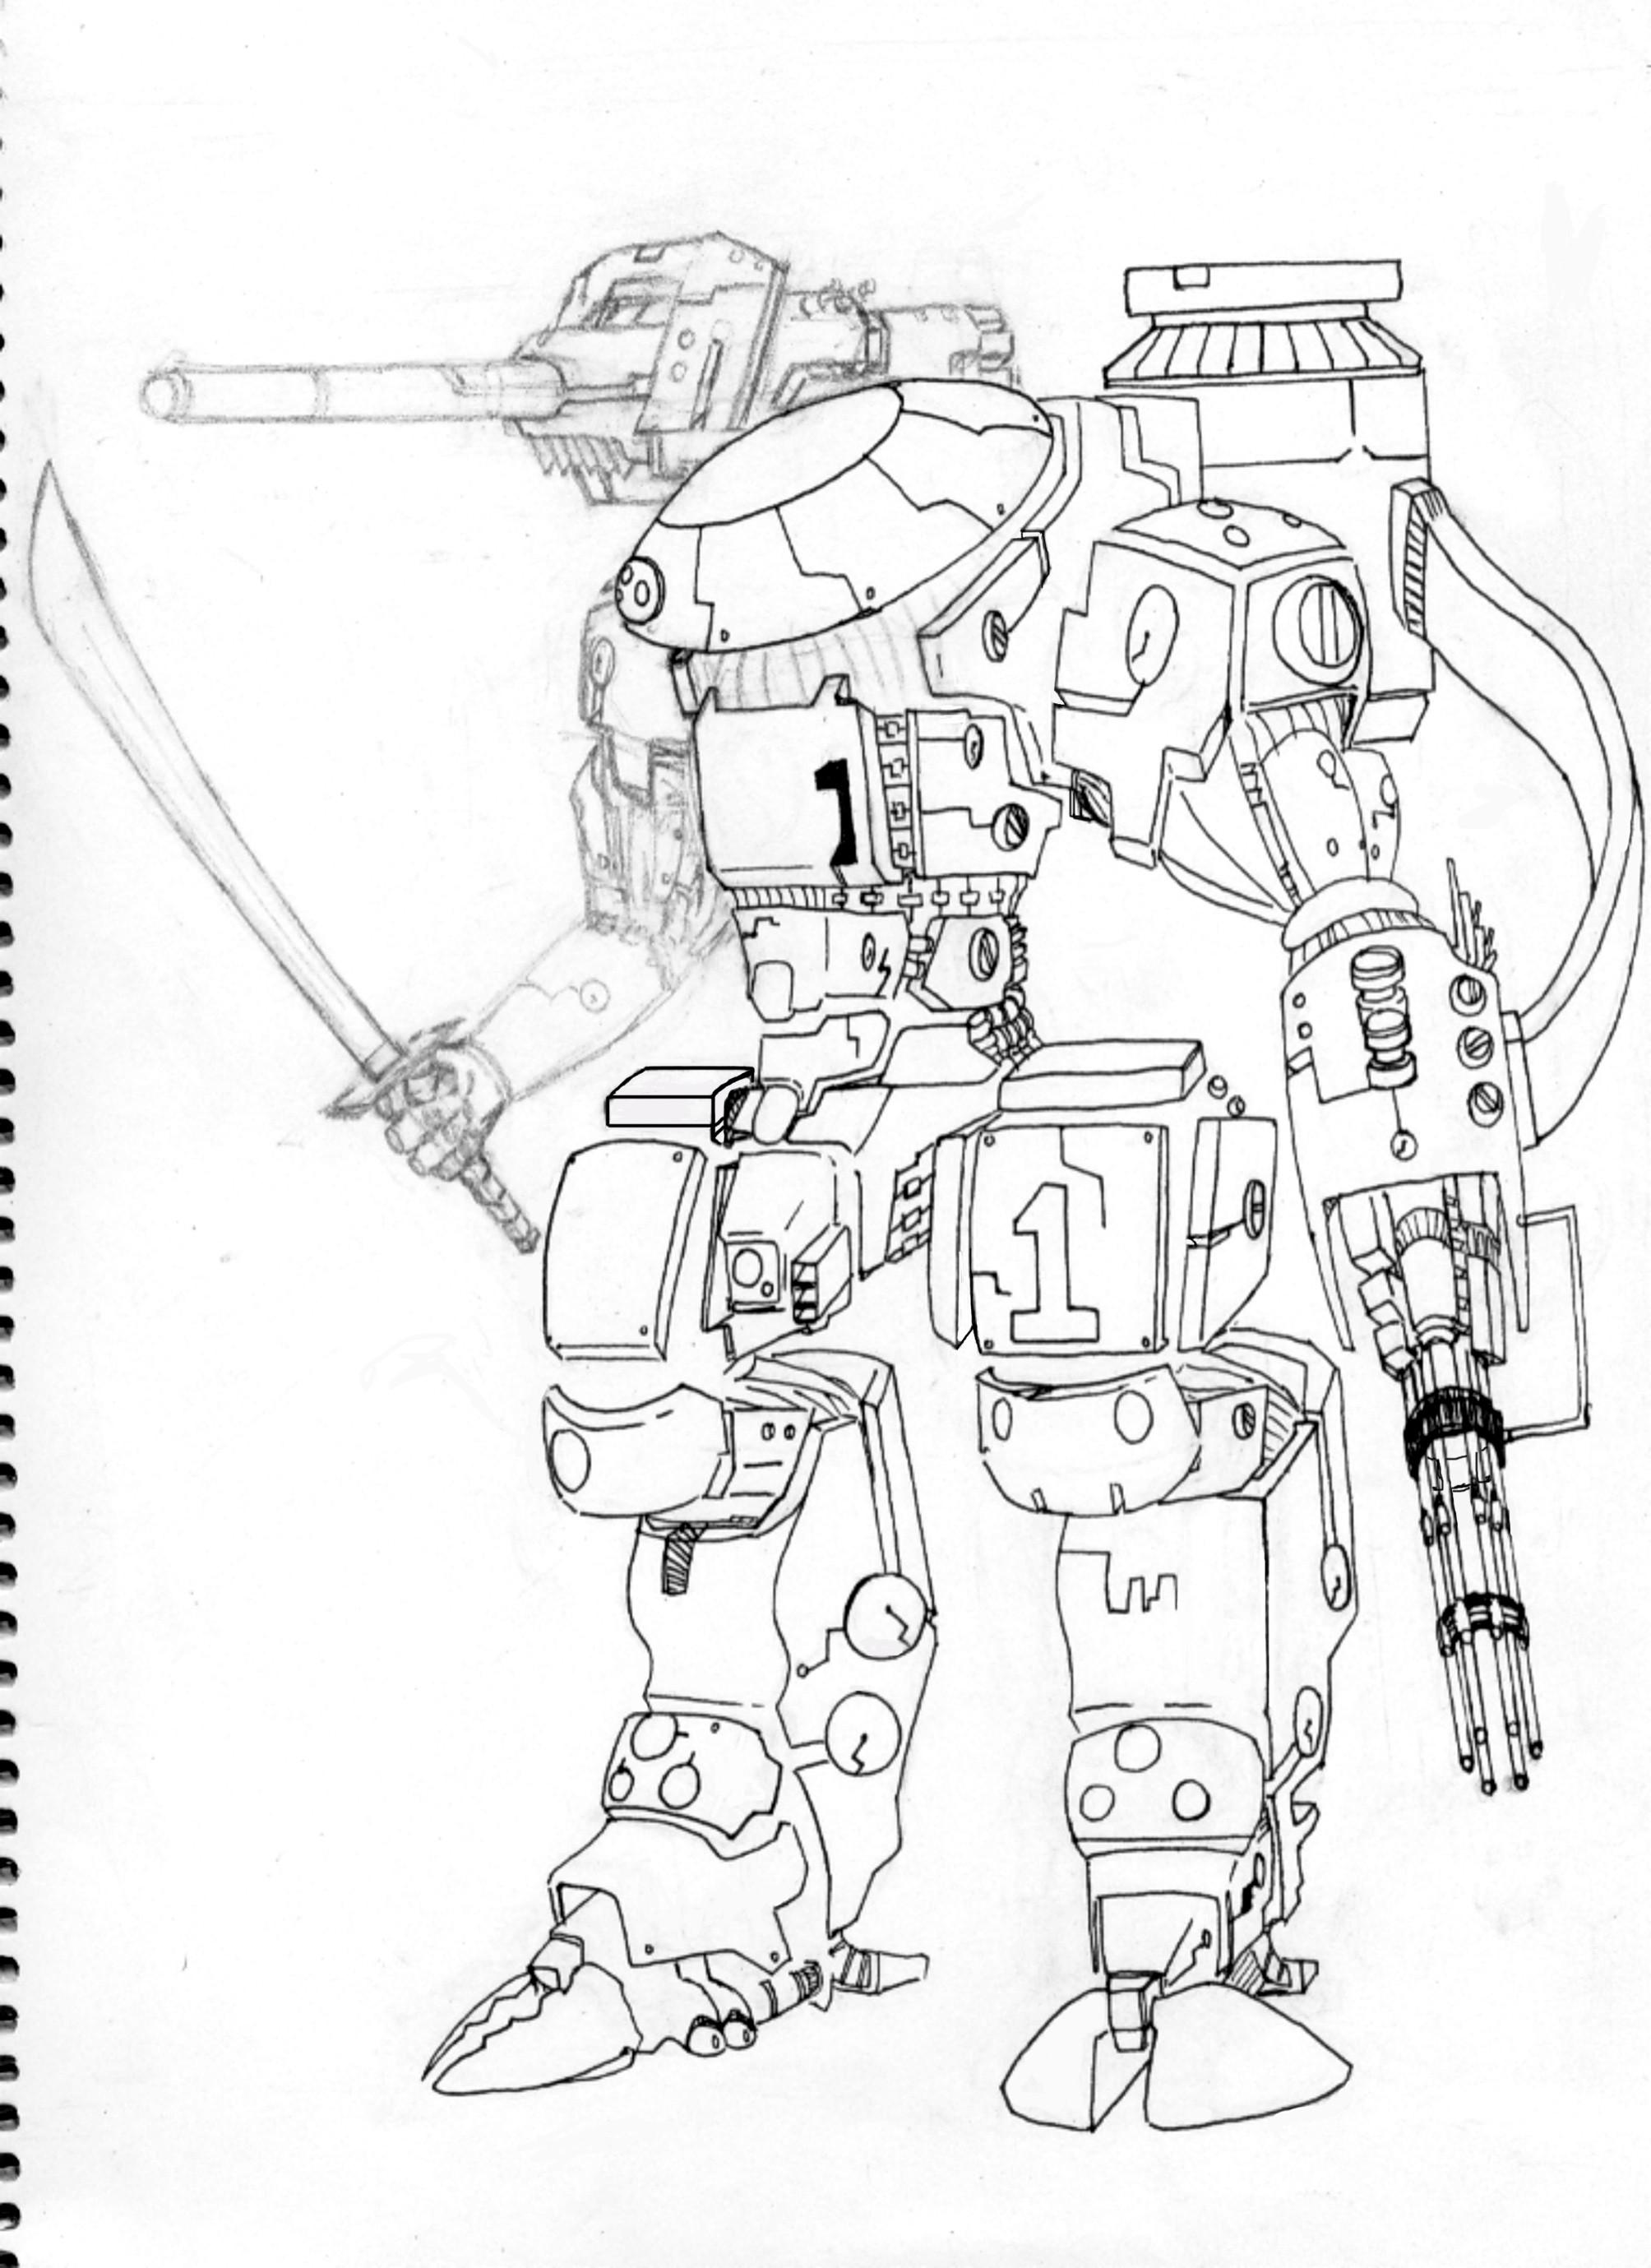 简笔画 手绘 线稿 2008_2758 竖版 竖屏